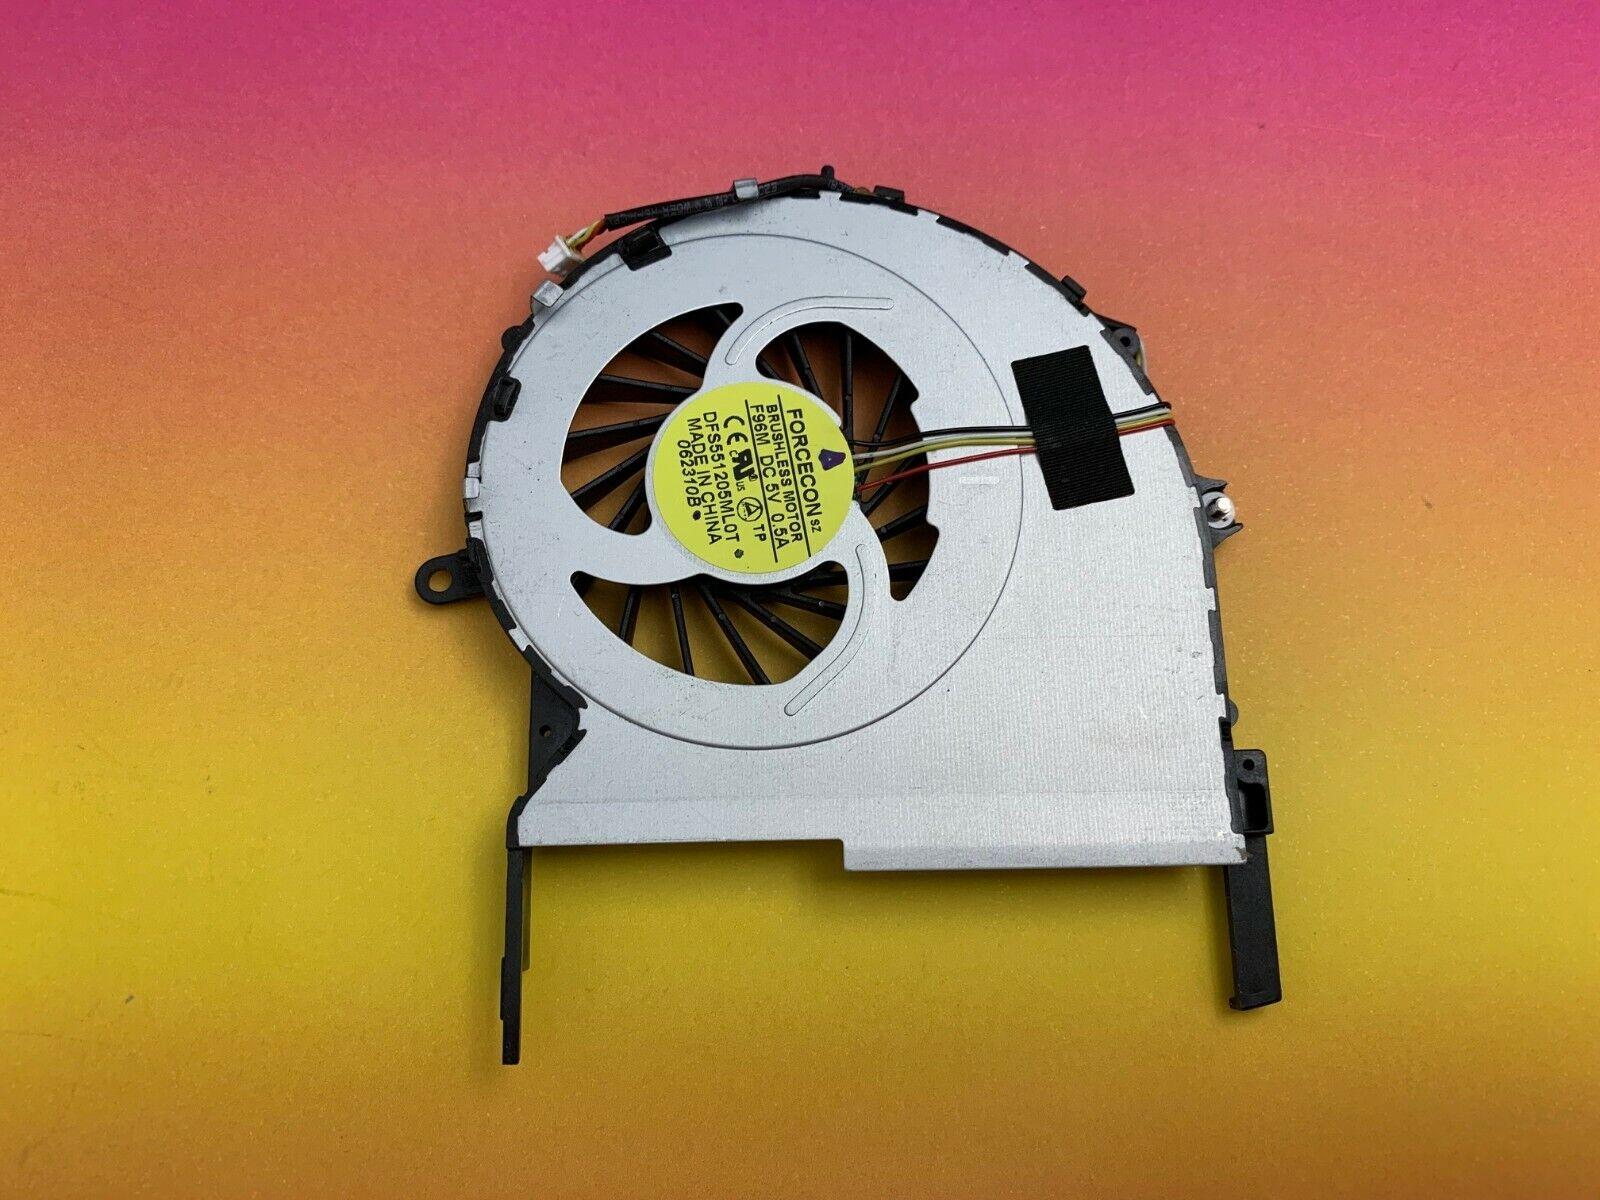 Fan CPU Fan For Packard Bell Easynote LX86, Model Zyea